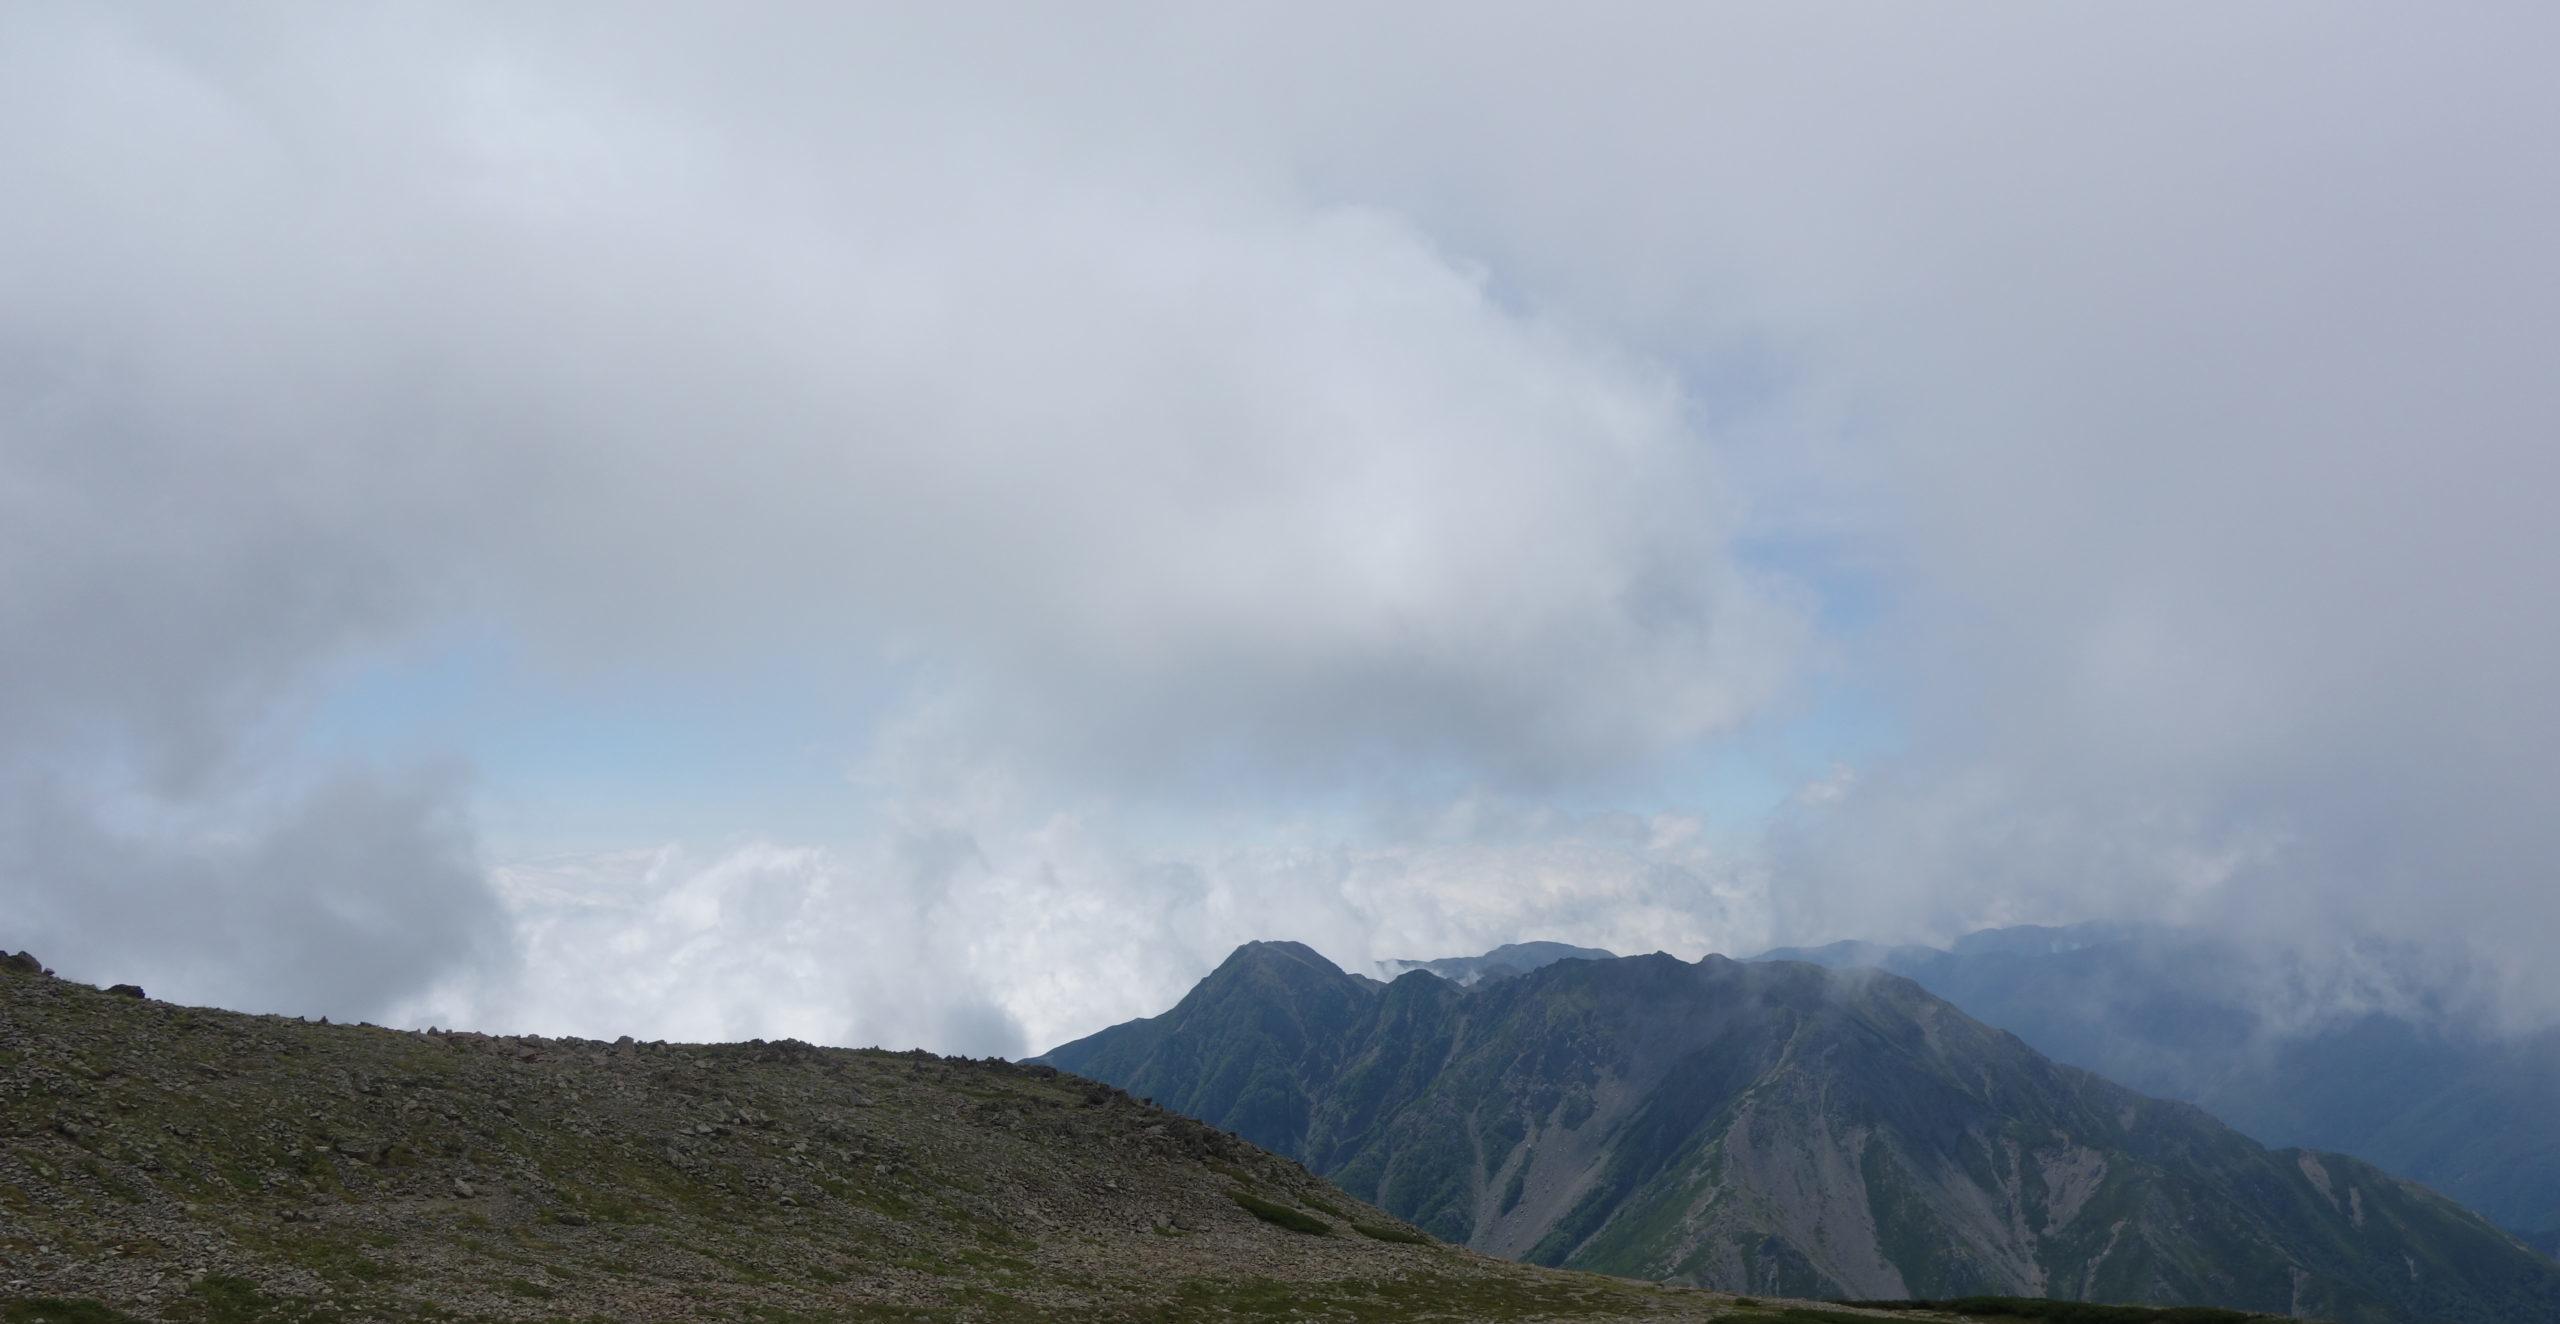 間ノ岳 間ノ岳山頂〜北岳〜広河原山荘